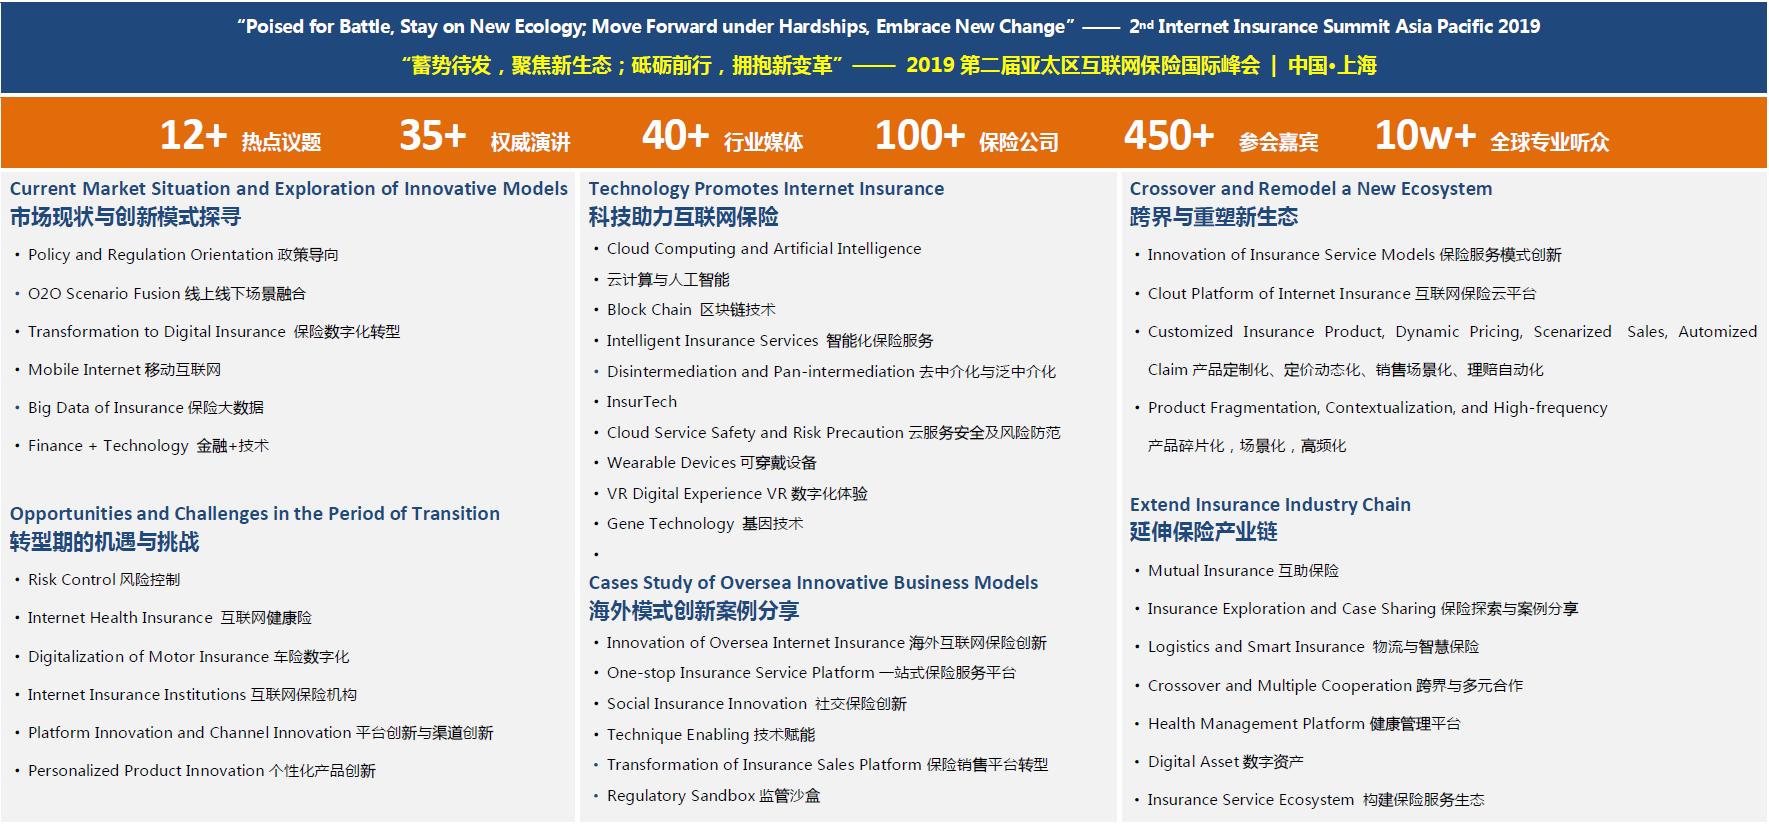 """2019第二届亚太区互联网保险国际峰会暨""""金创奖""""颁奖典礼 Internet Insurance Summit Asia Pacific 2019 & Ceremony"""